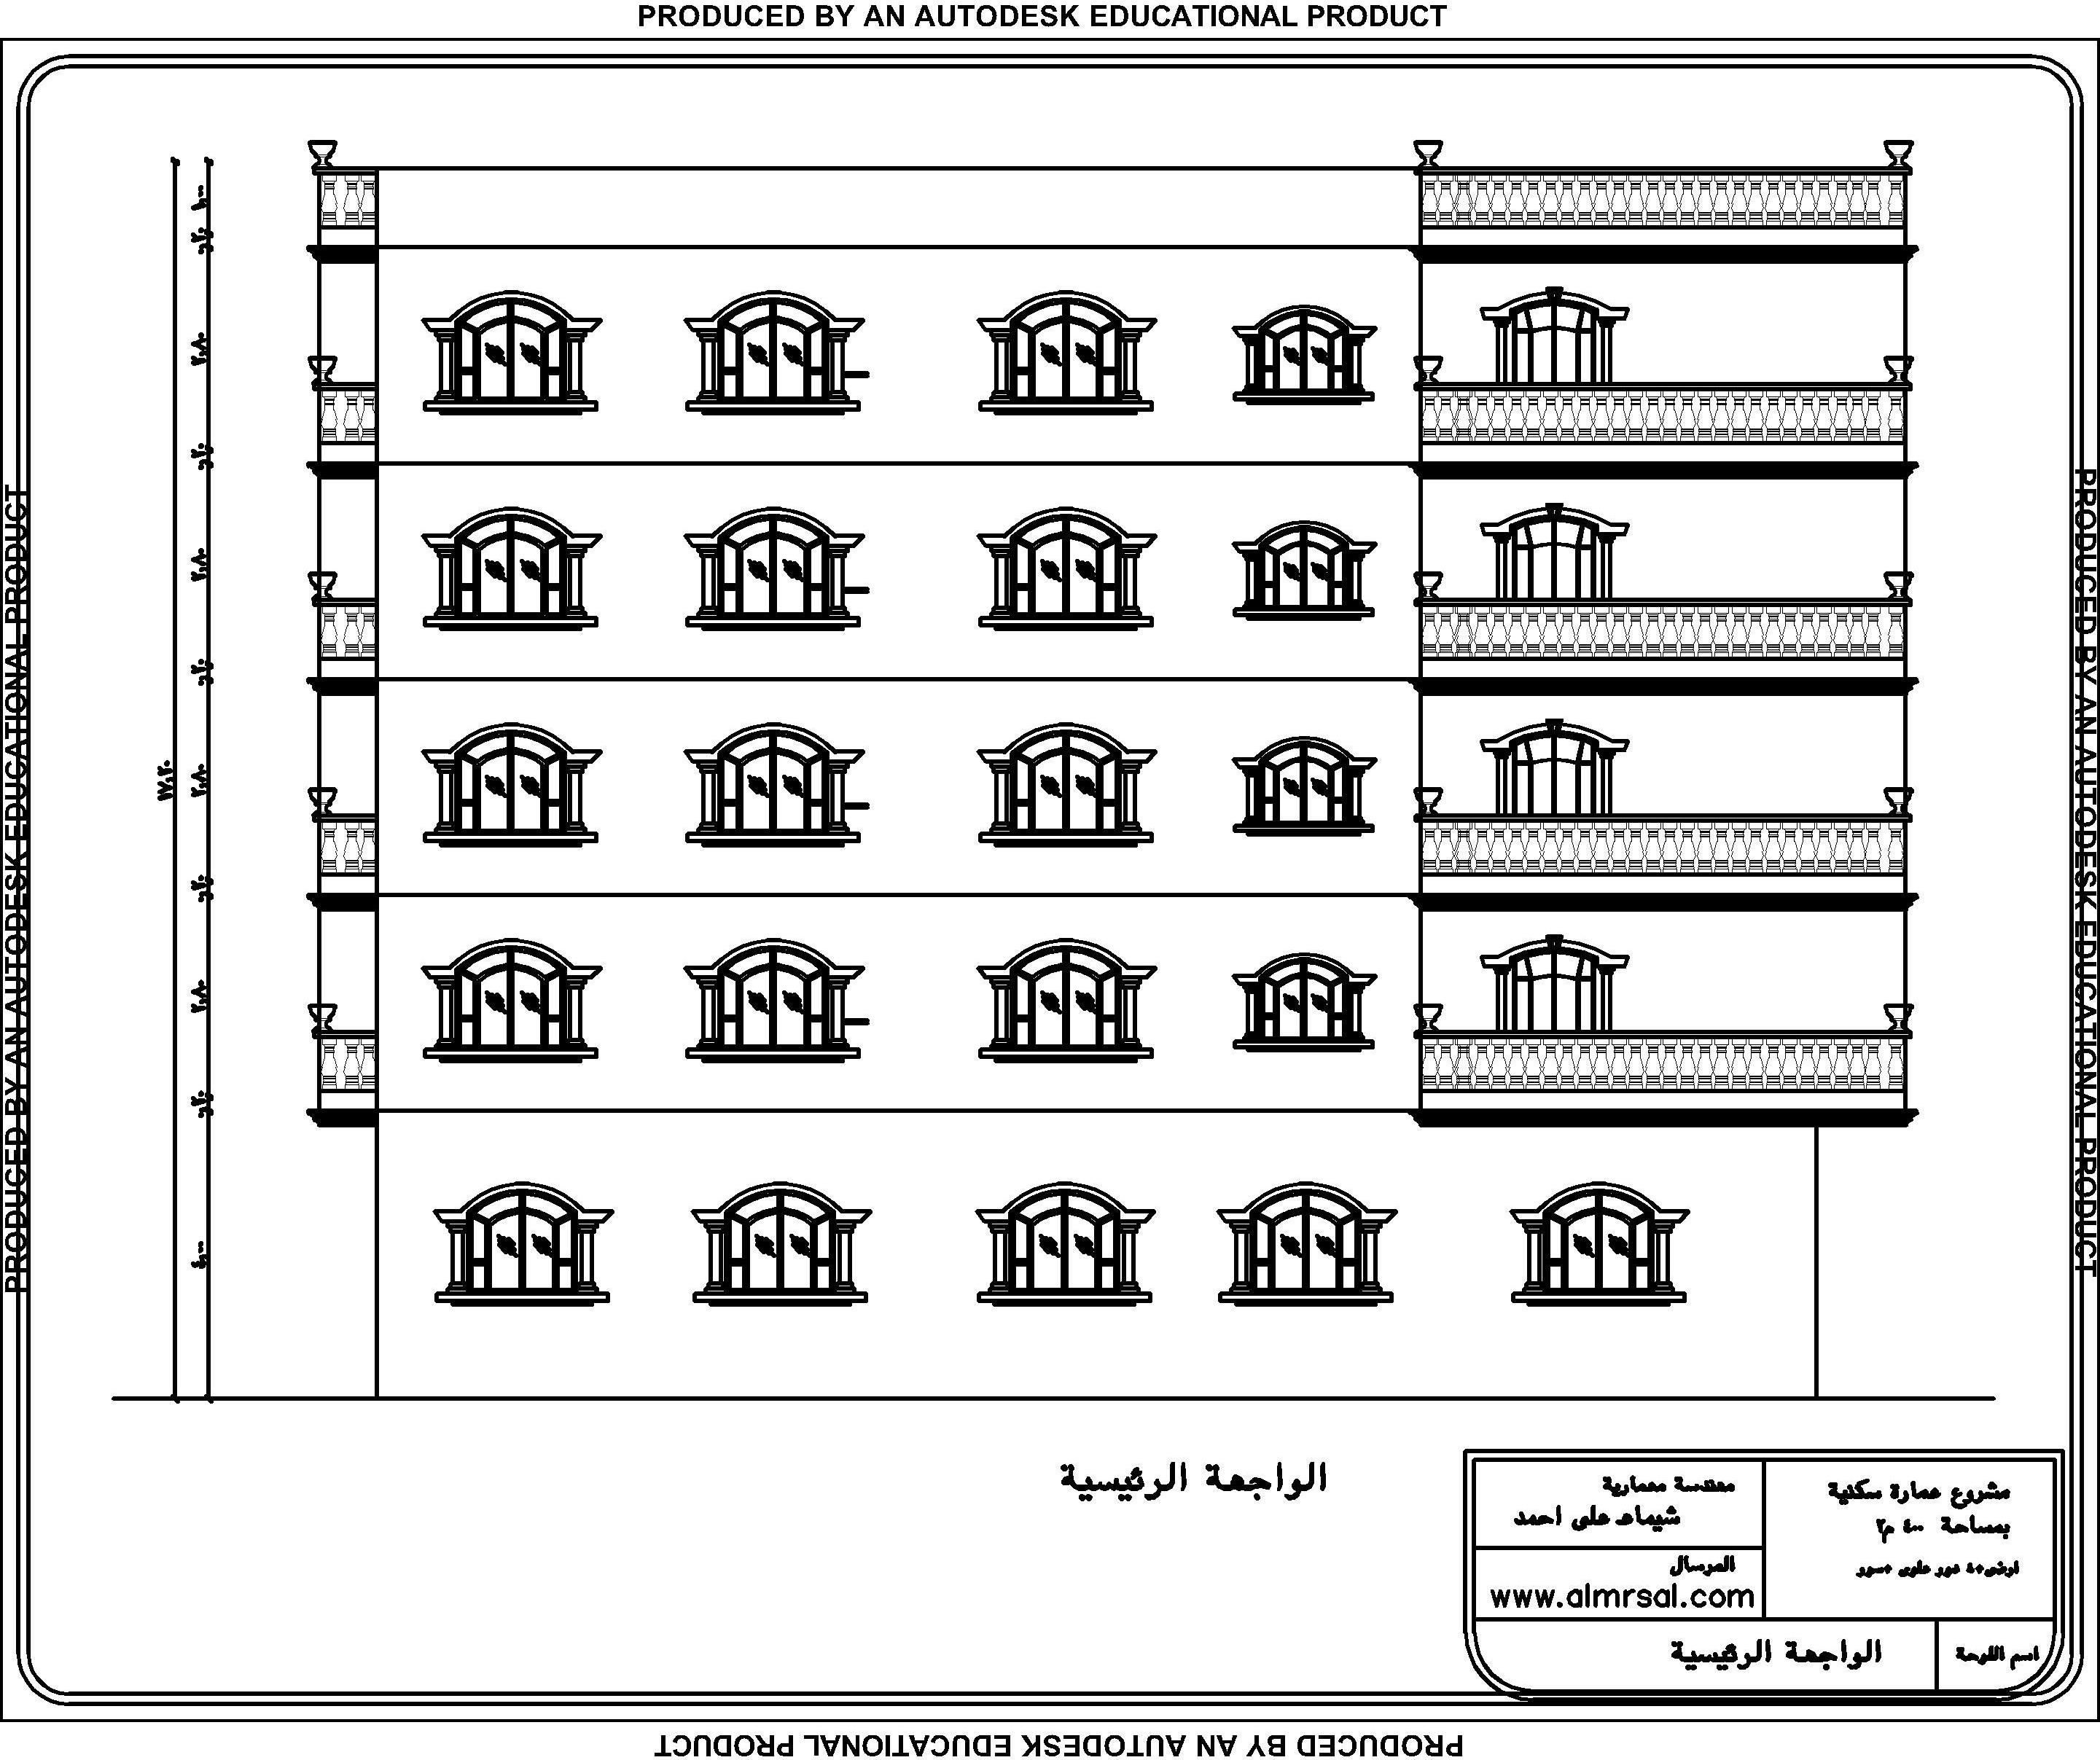 مخططات عمارة سكنية بمساحة 400 متر مربع ( شقتين )  مخططات عمارة سكنية بمساحة 400 متر مربع ( شقتين )  مخططات عمارة سكنية بمساحة 400 متر مربع ( شقتين )